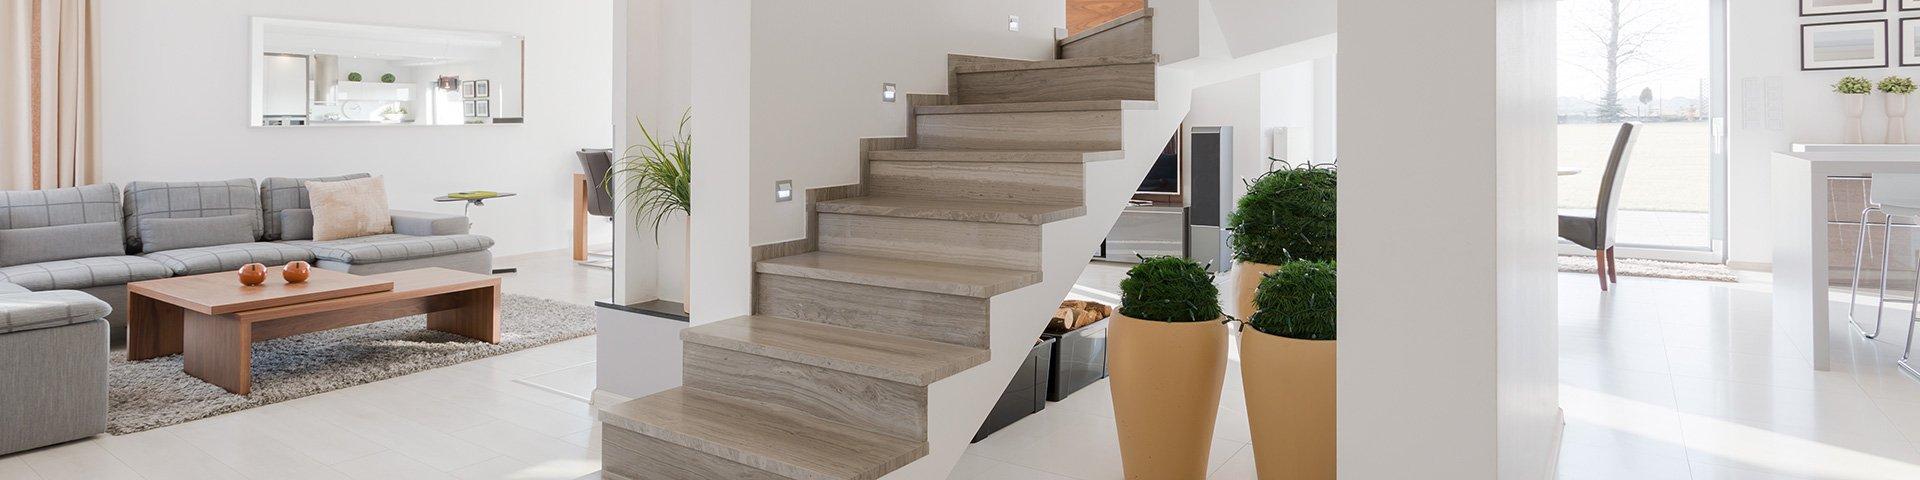 schody z płytek drewnopodobnych w nowoczesnym domu